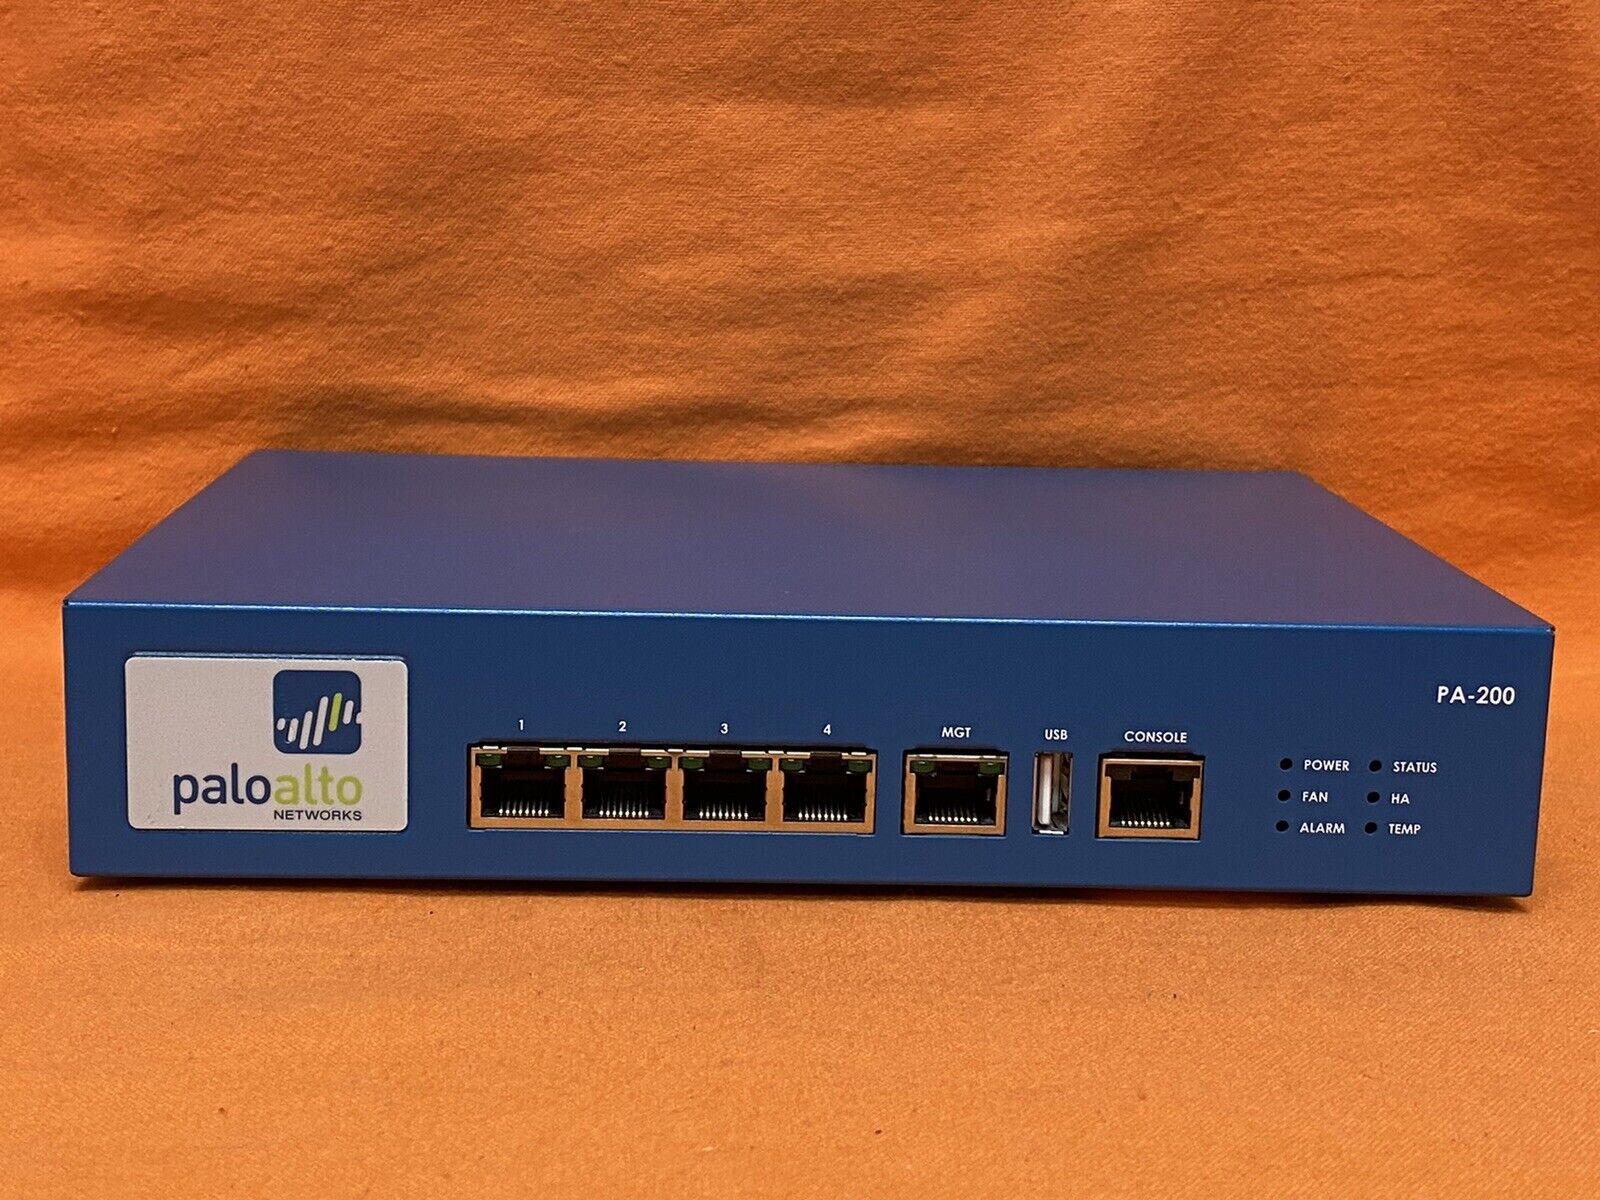 Palo Alto Networks PA-200 / PA200 Enterprise Firewall Security Appliance